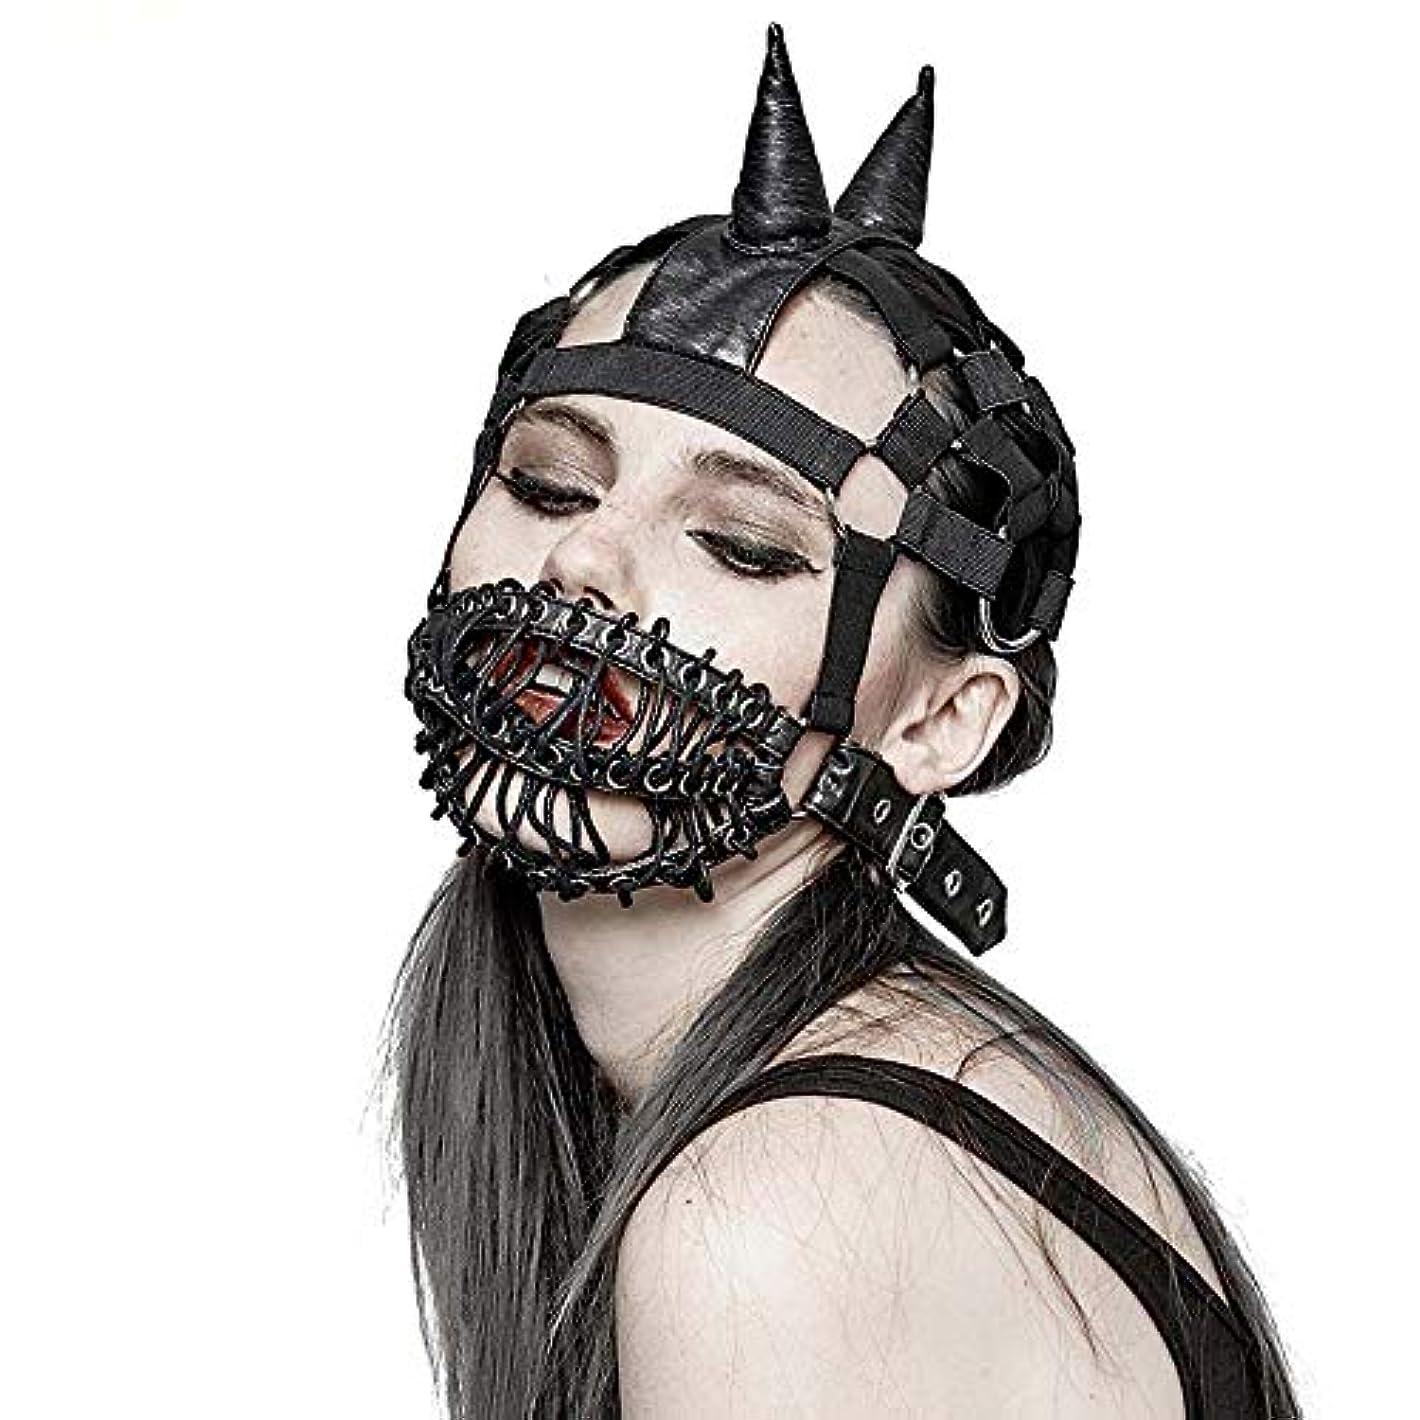 解放最初は規範ETH Shengpiゴシックアニメのコスプレマスクを結ばスチームパンクニュートラルマスク 適用されます